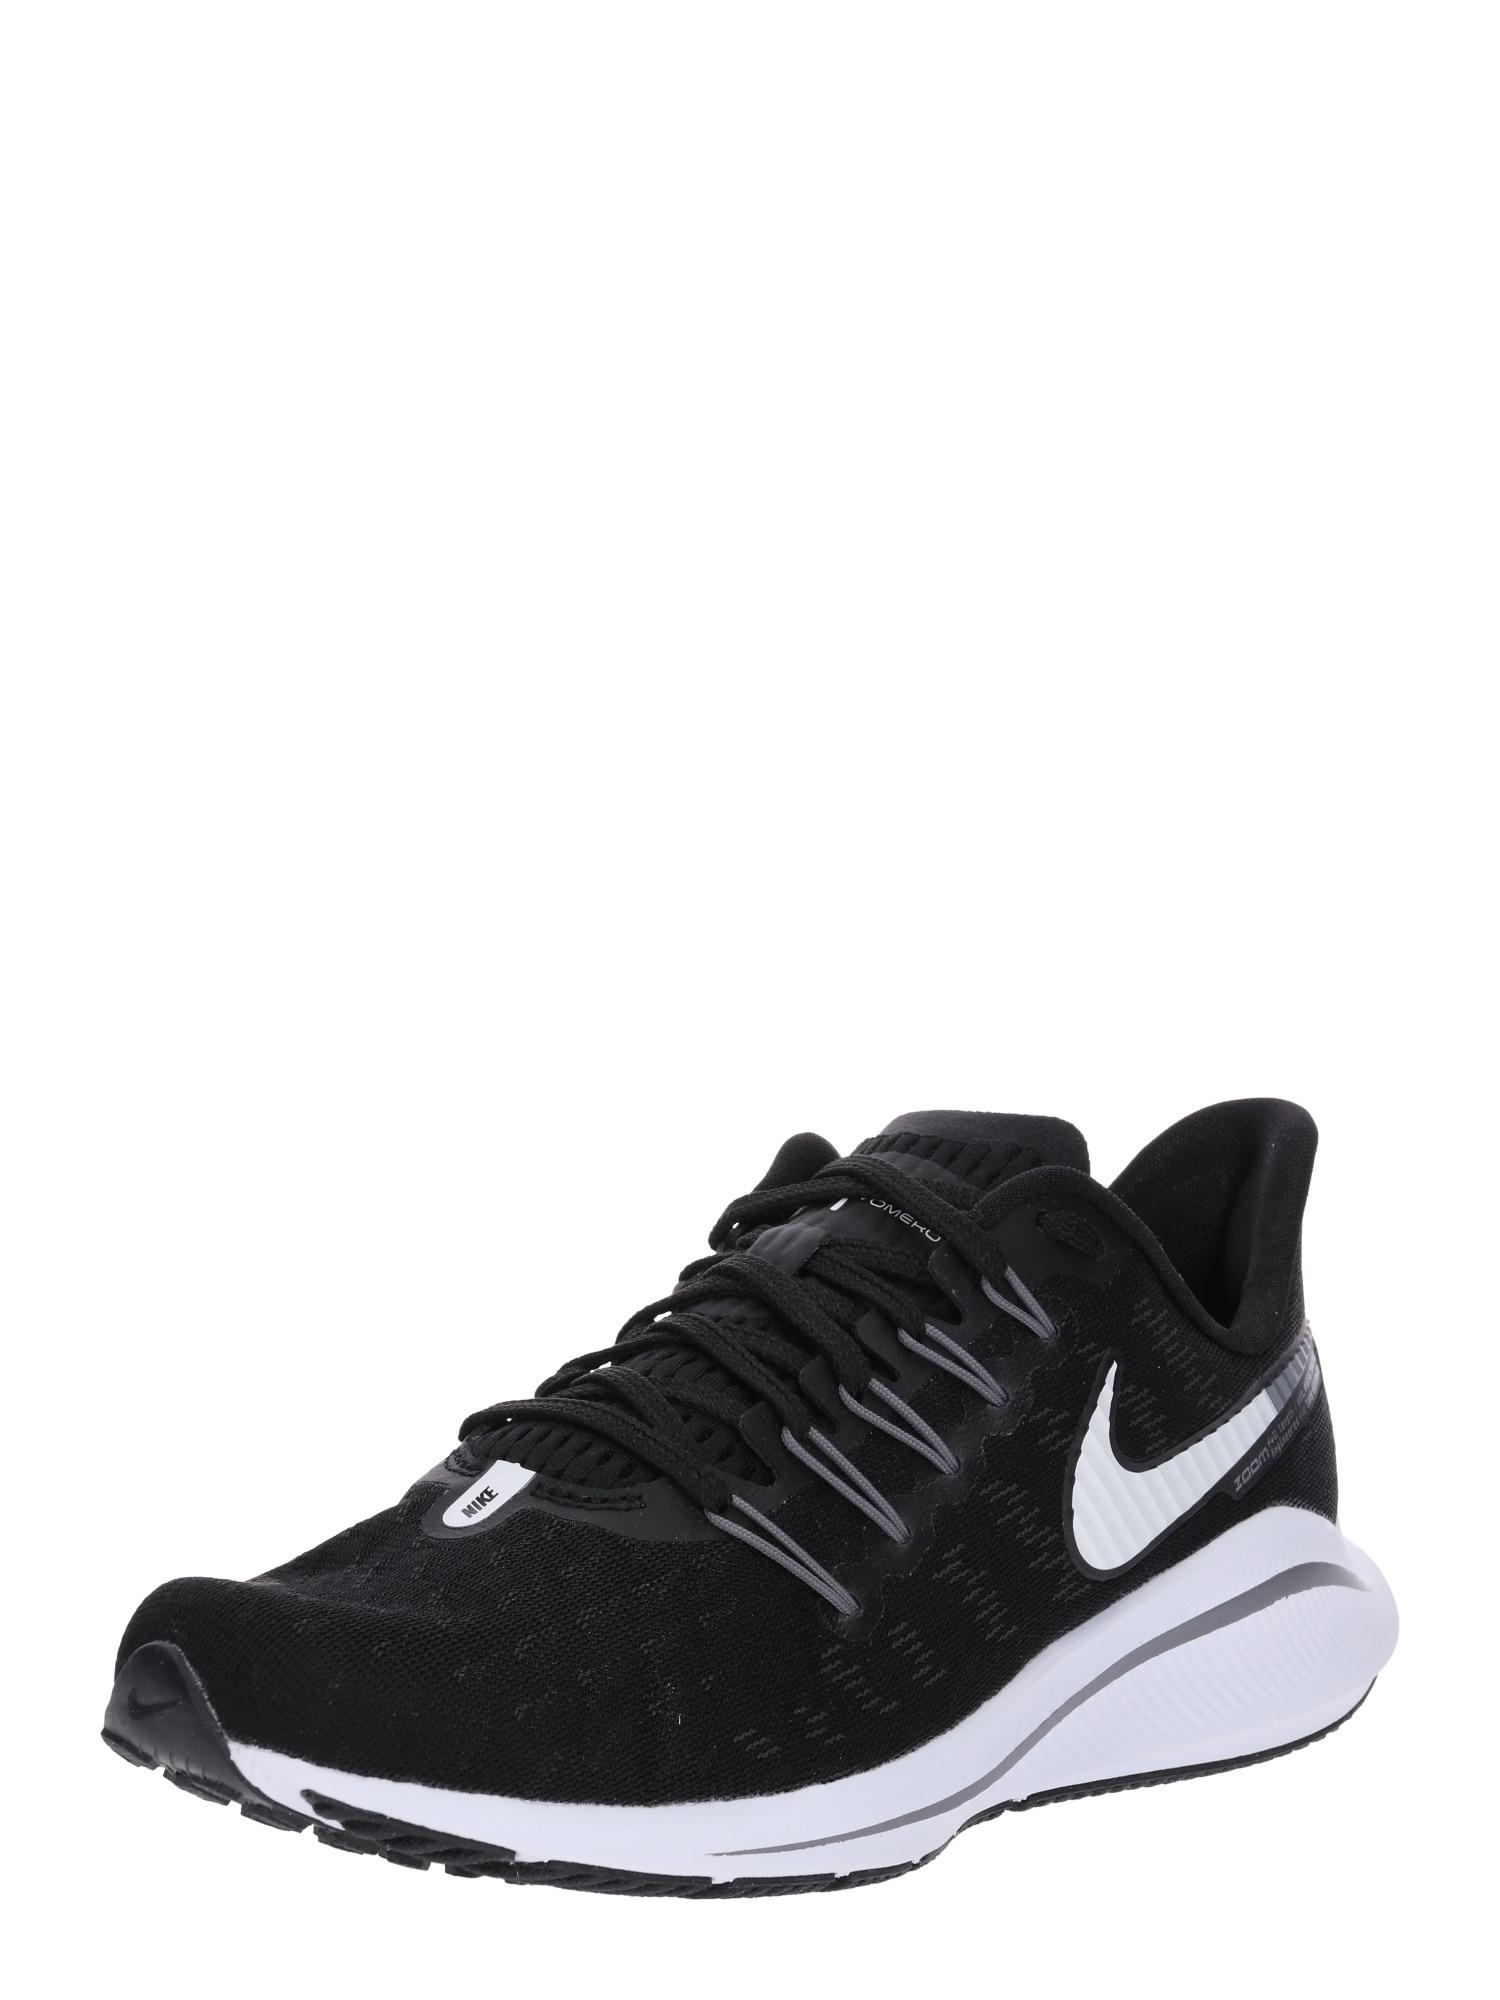 Běžecká obuv Air Zoom Vomero 14 černá bílá NIKE